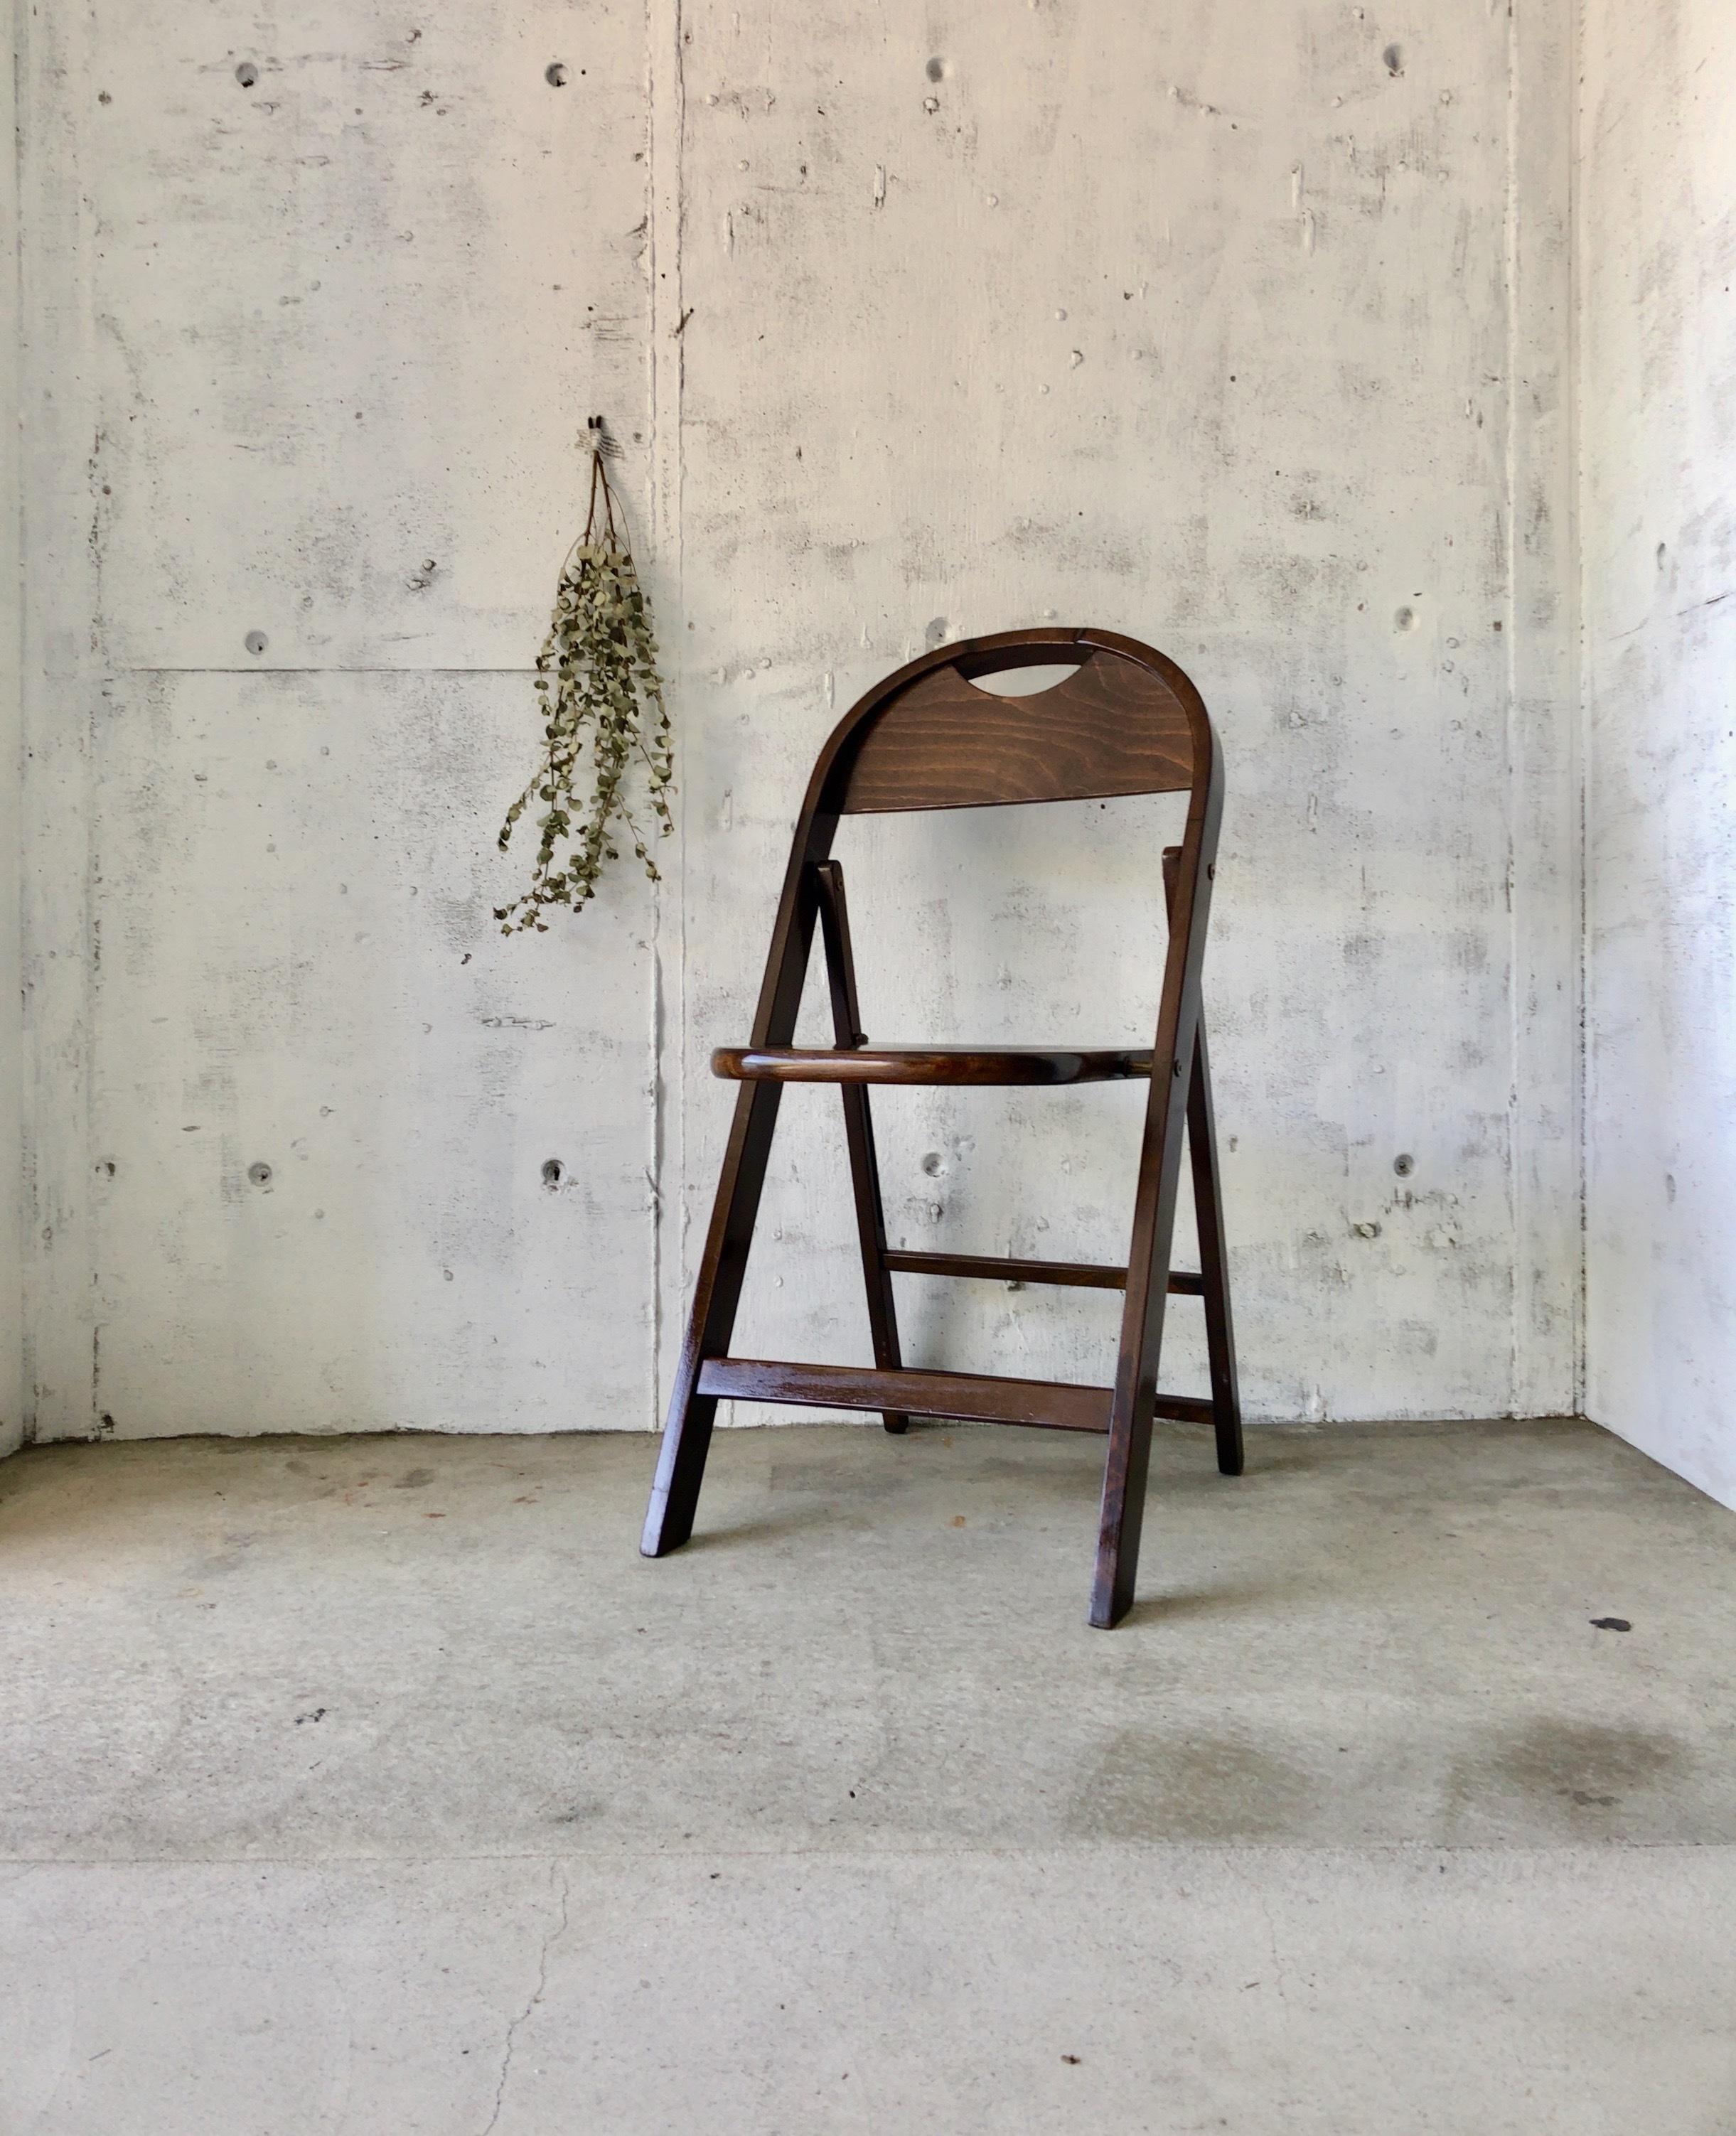 木製の折りたたみチェア[古家具]